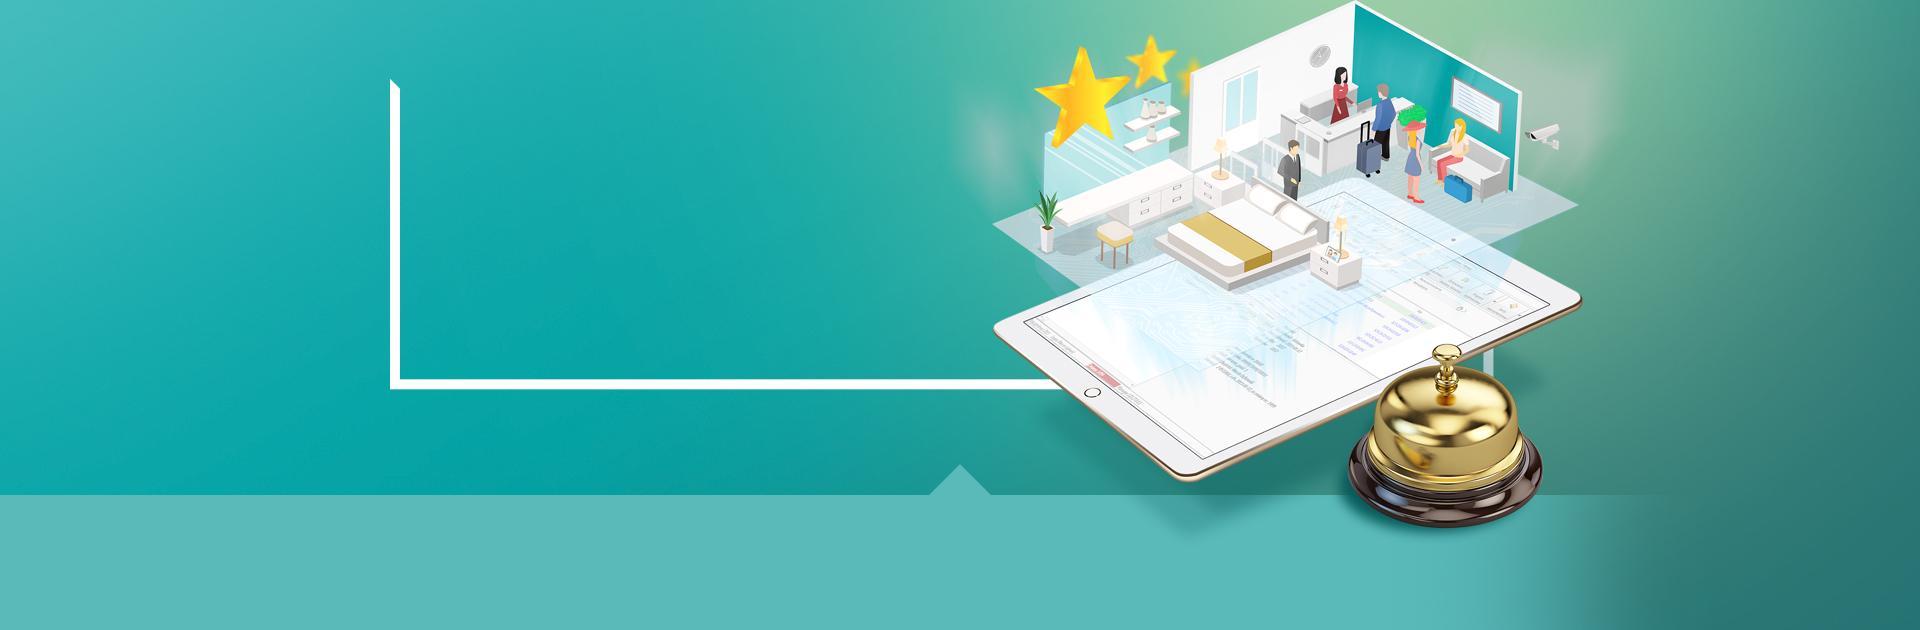 oprogramowanie dla biur rachunkowych slider 5